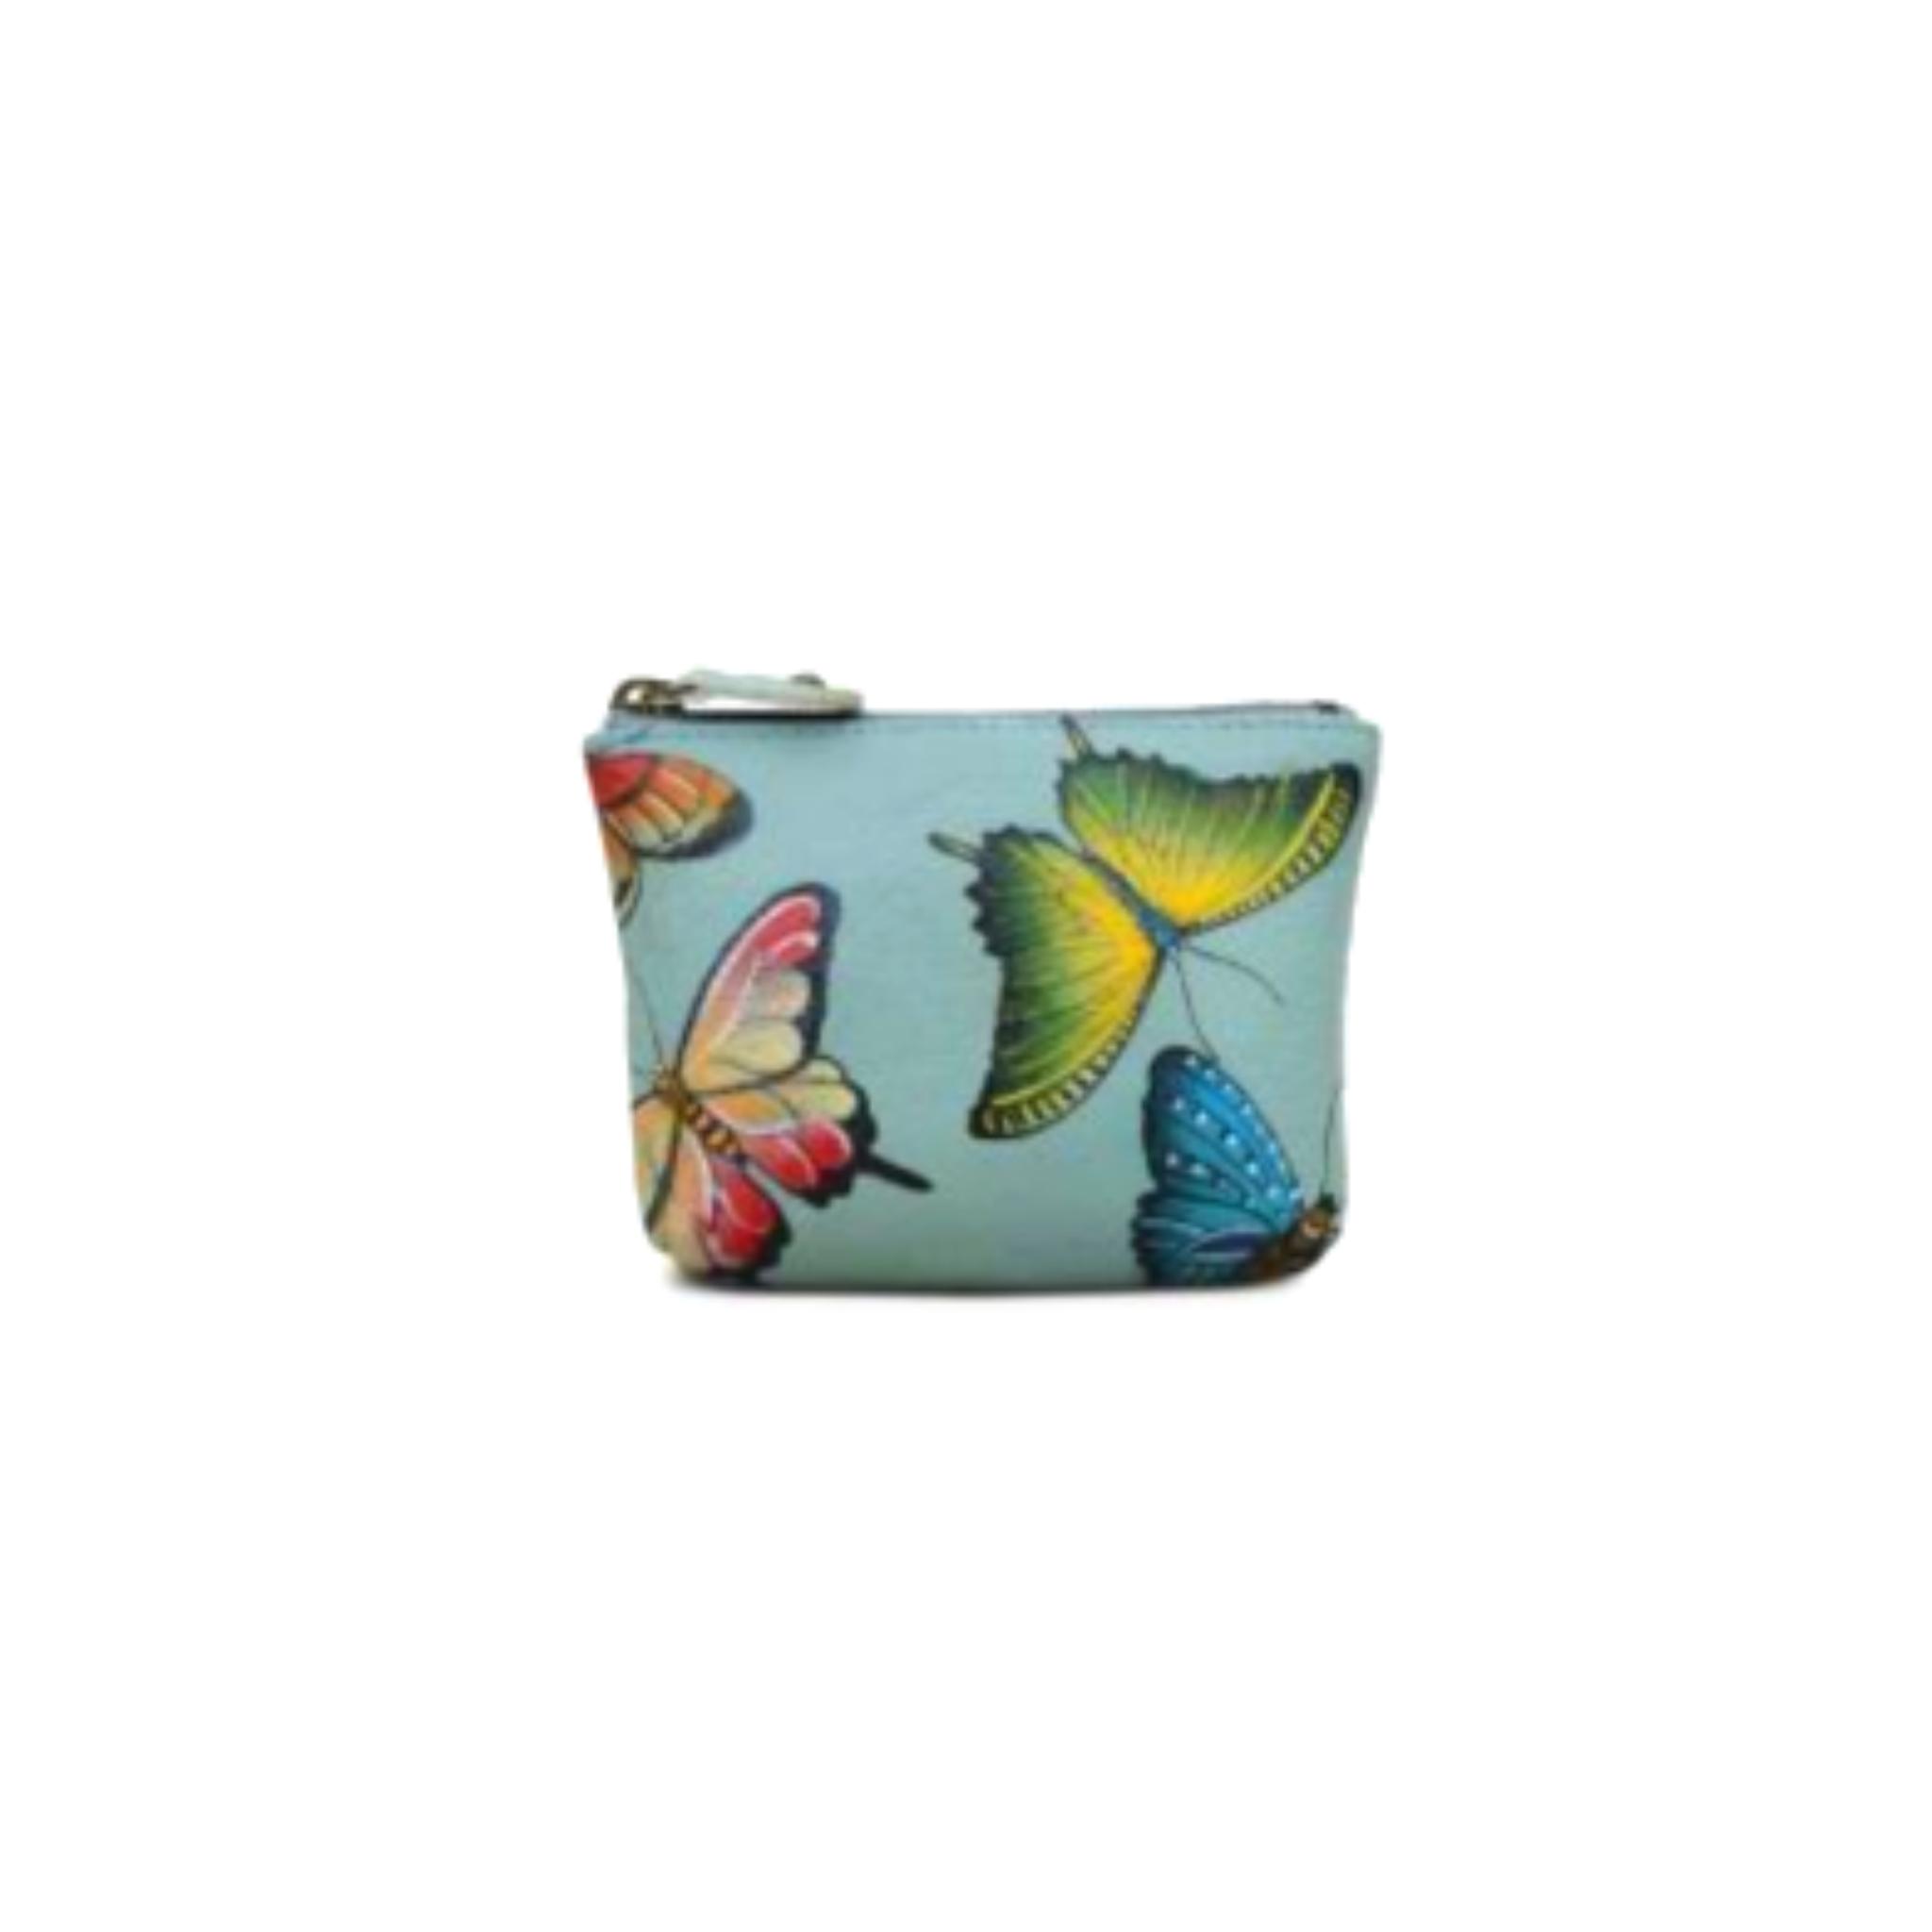 Anuschka small zip pouch 1031 bth